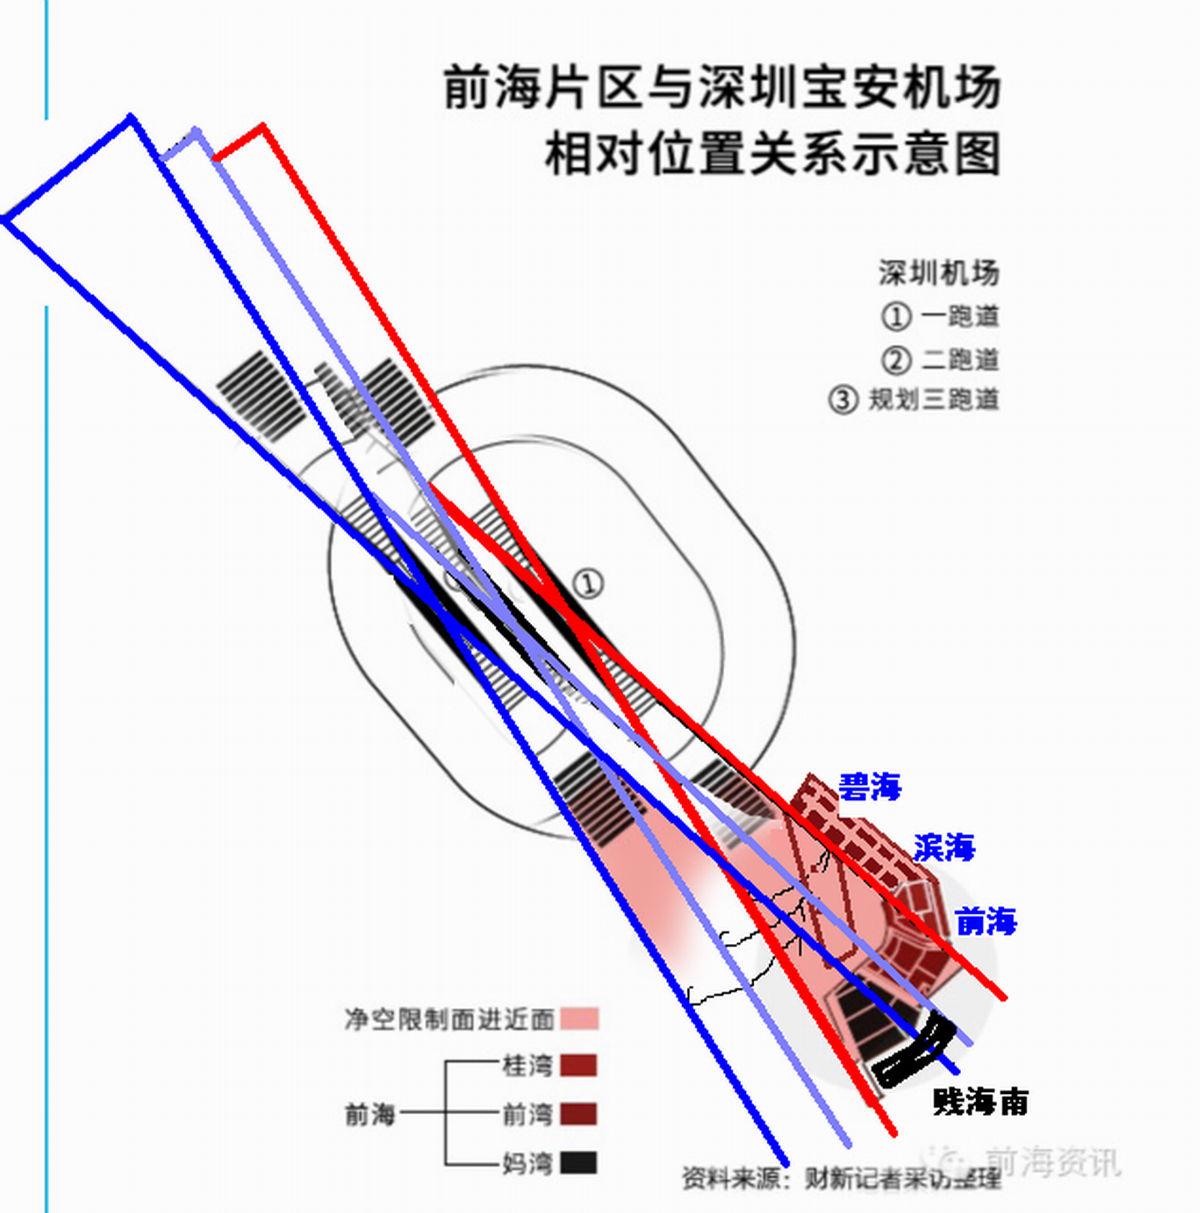 深圳机场第三跑道 - 家在深圳(深圳